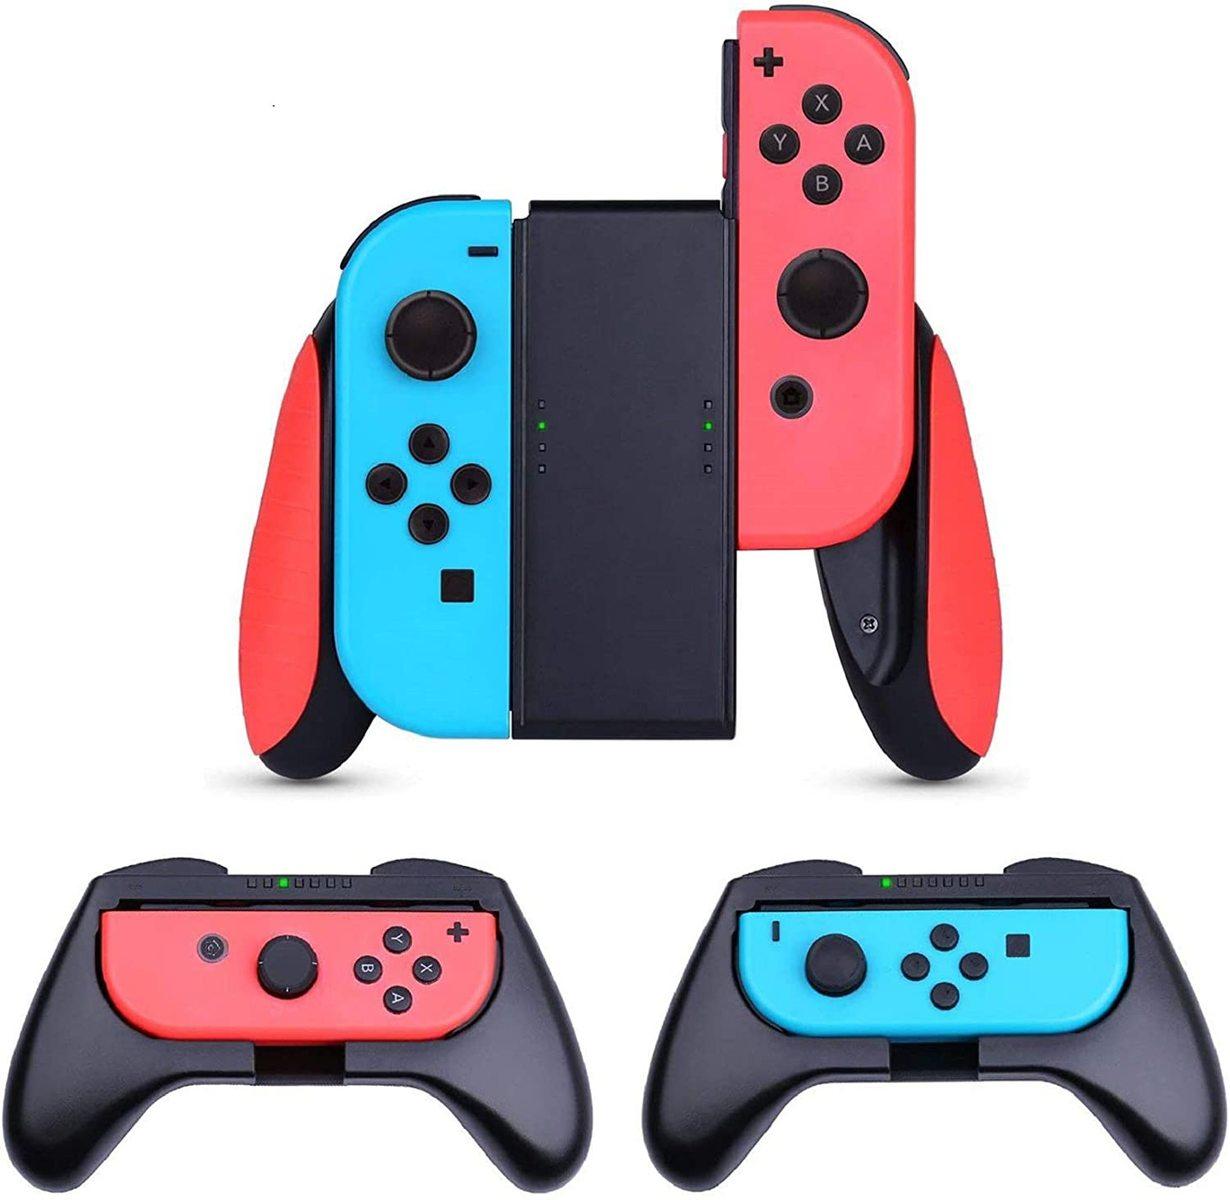 Nintendo Switch 対応 ハンドル 驚きの値段で switch対応 oled対応 スイッチ ジョイコン グリップ 3個セット HEYSTOP Joy-Conコントローラー Joy Con 操作しやすい 装着簡単 switch 手触り良い SL SRボタン付き 遅延なし マリオカート ついに入荷